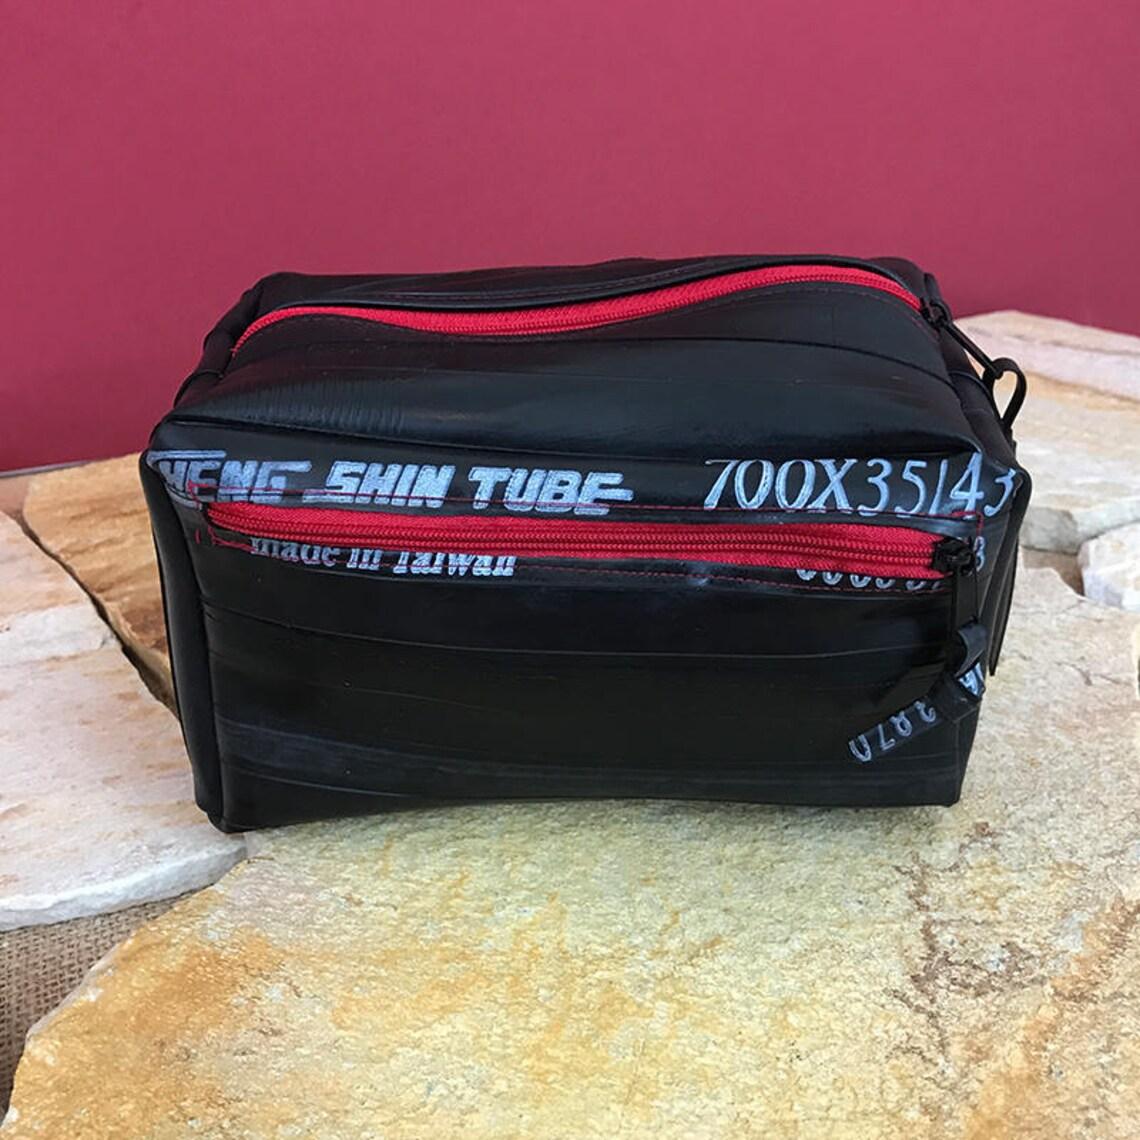 Camera Bag, HipBag, Belt bag, Hip pocket, Belly bag, made of Bicycle hose, Lined